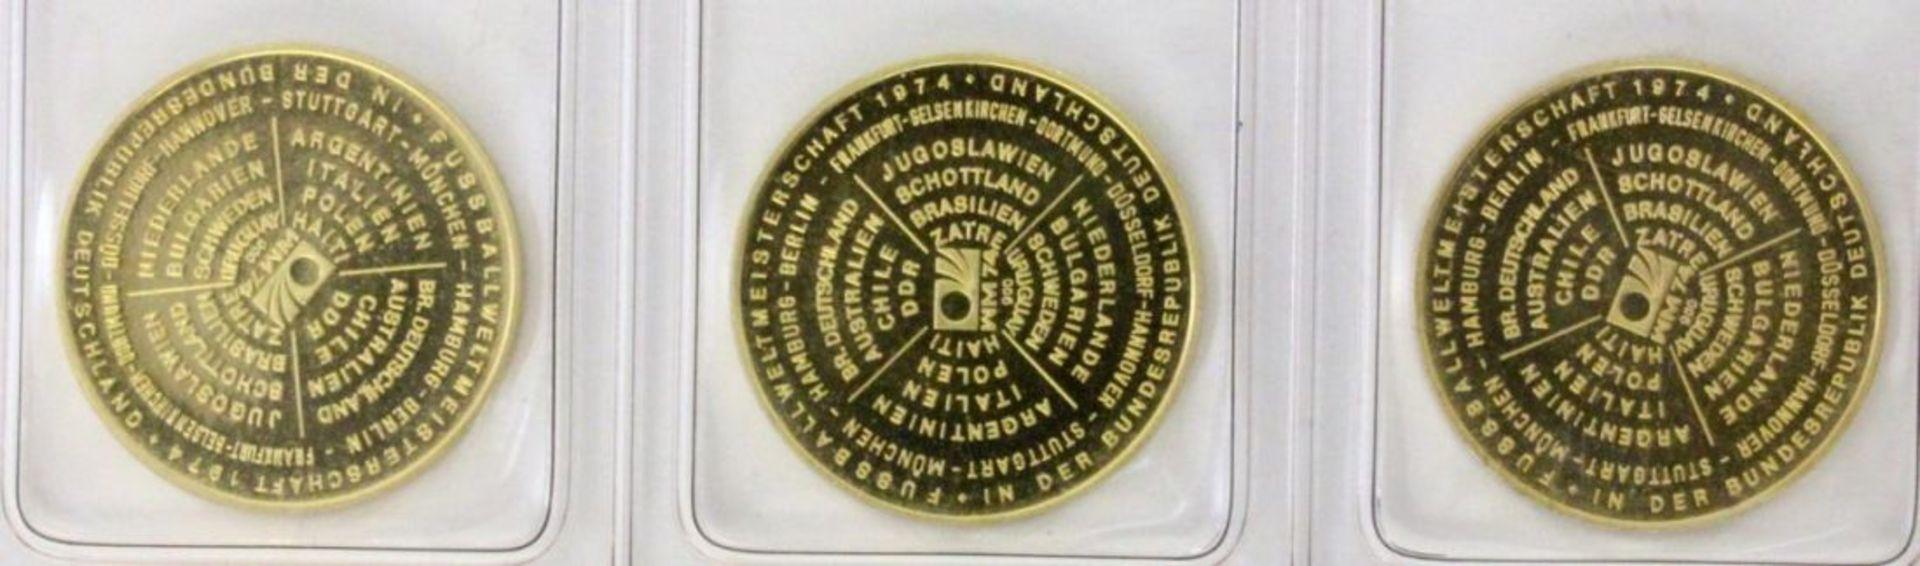 DREI GOLDMÜNZEN900/000 Gelbgold. Fussball Weltmeisterschaft Deutschland 1974. WM Städte Hamburg, - Bild 2 aus 2